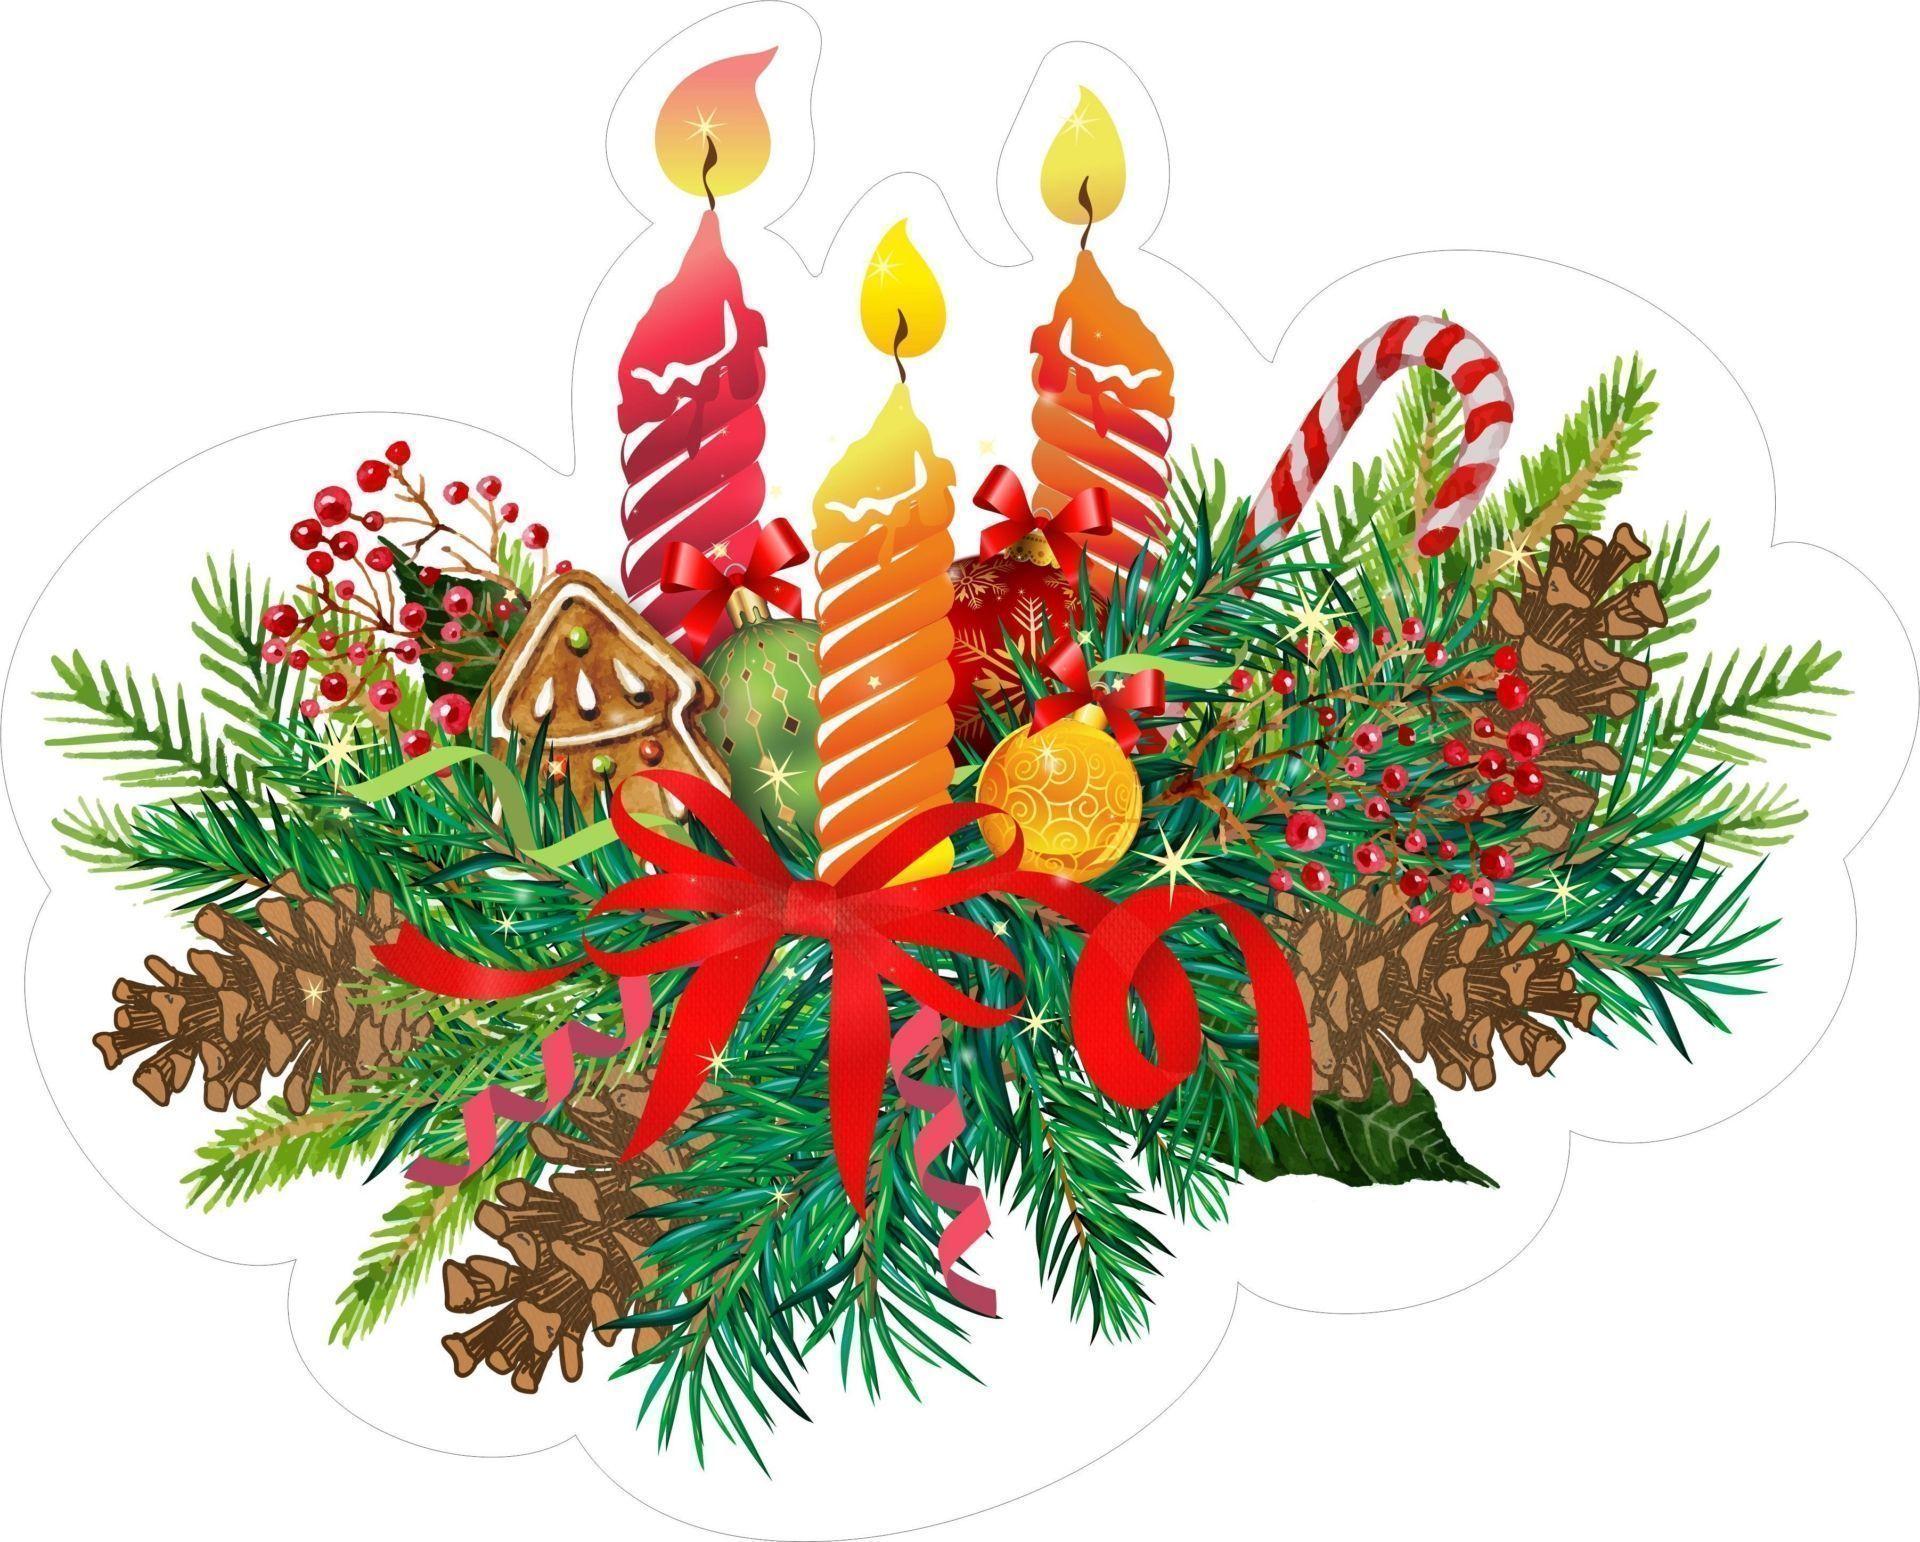 Плакат вырубной Рождественские свечиТовары для оформления и проведения праздника<br>.<br><br>Год: 2018<br>Серия: Вырубные фигуры для оформления<br>Высота: 305<br>Ширина: 245<br>Переплёт: набор